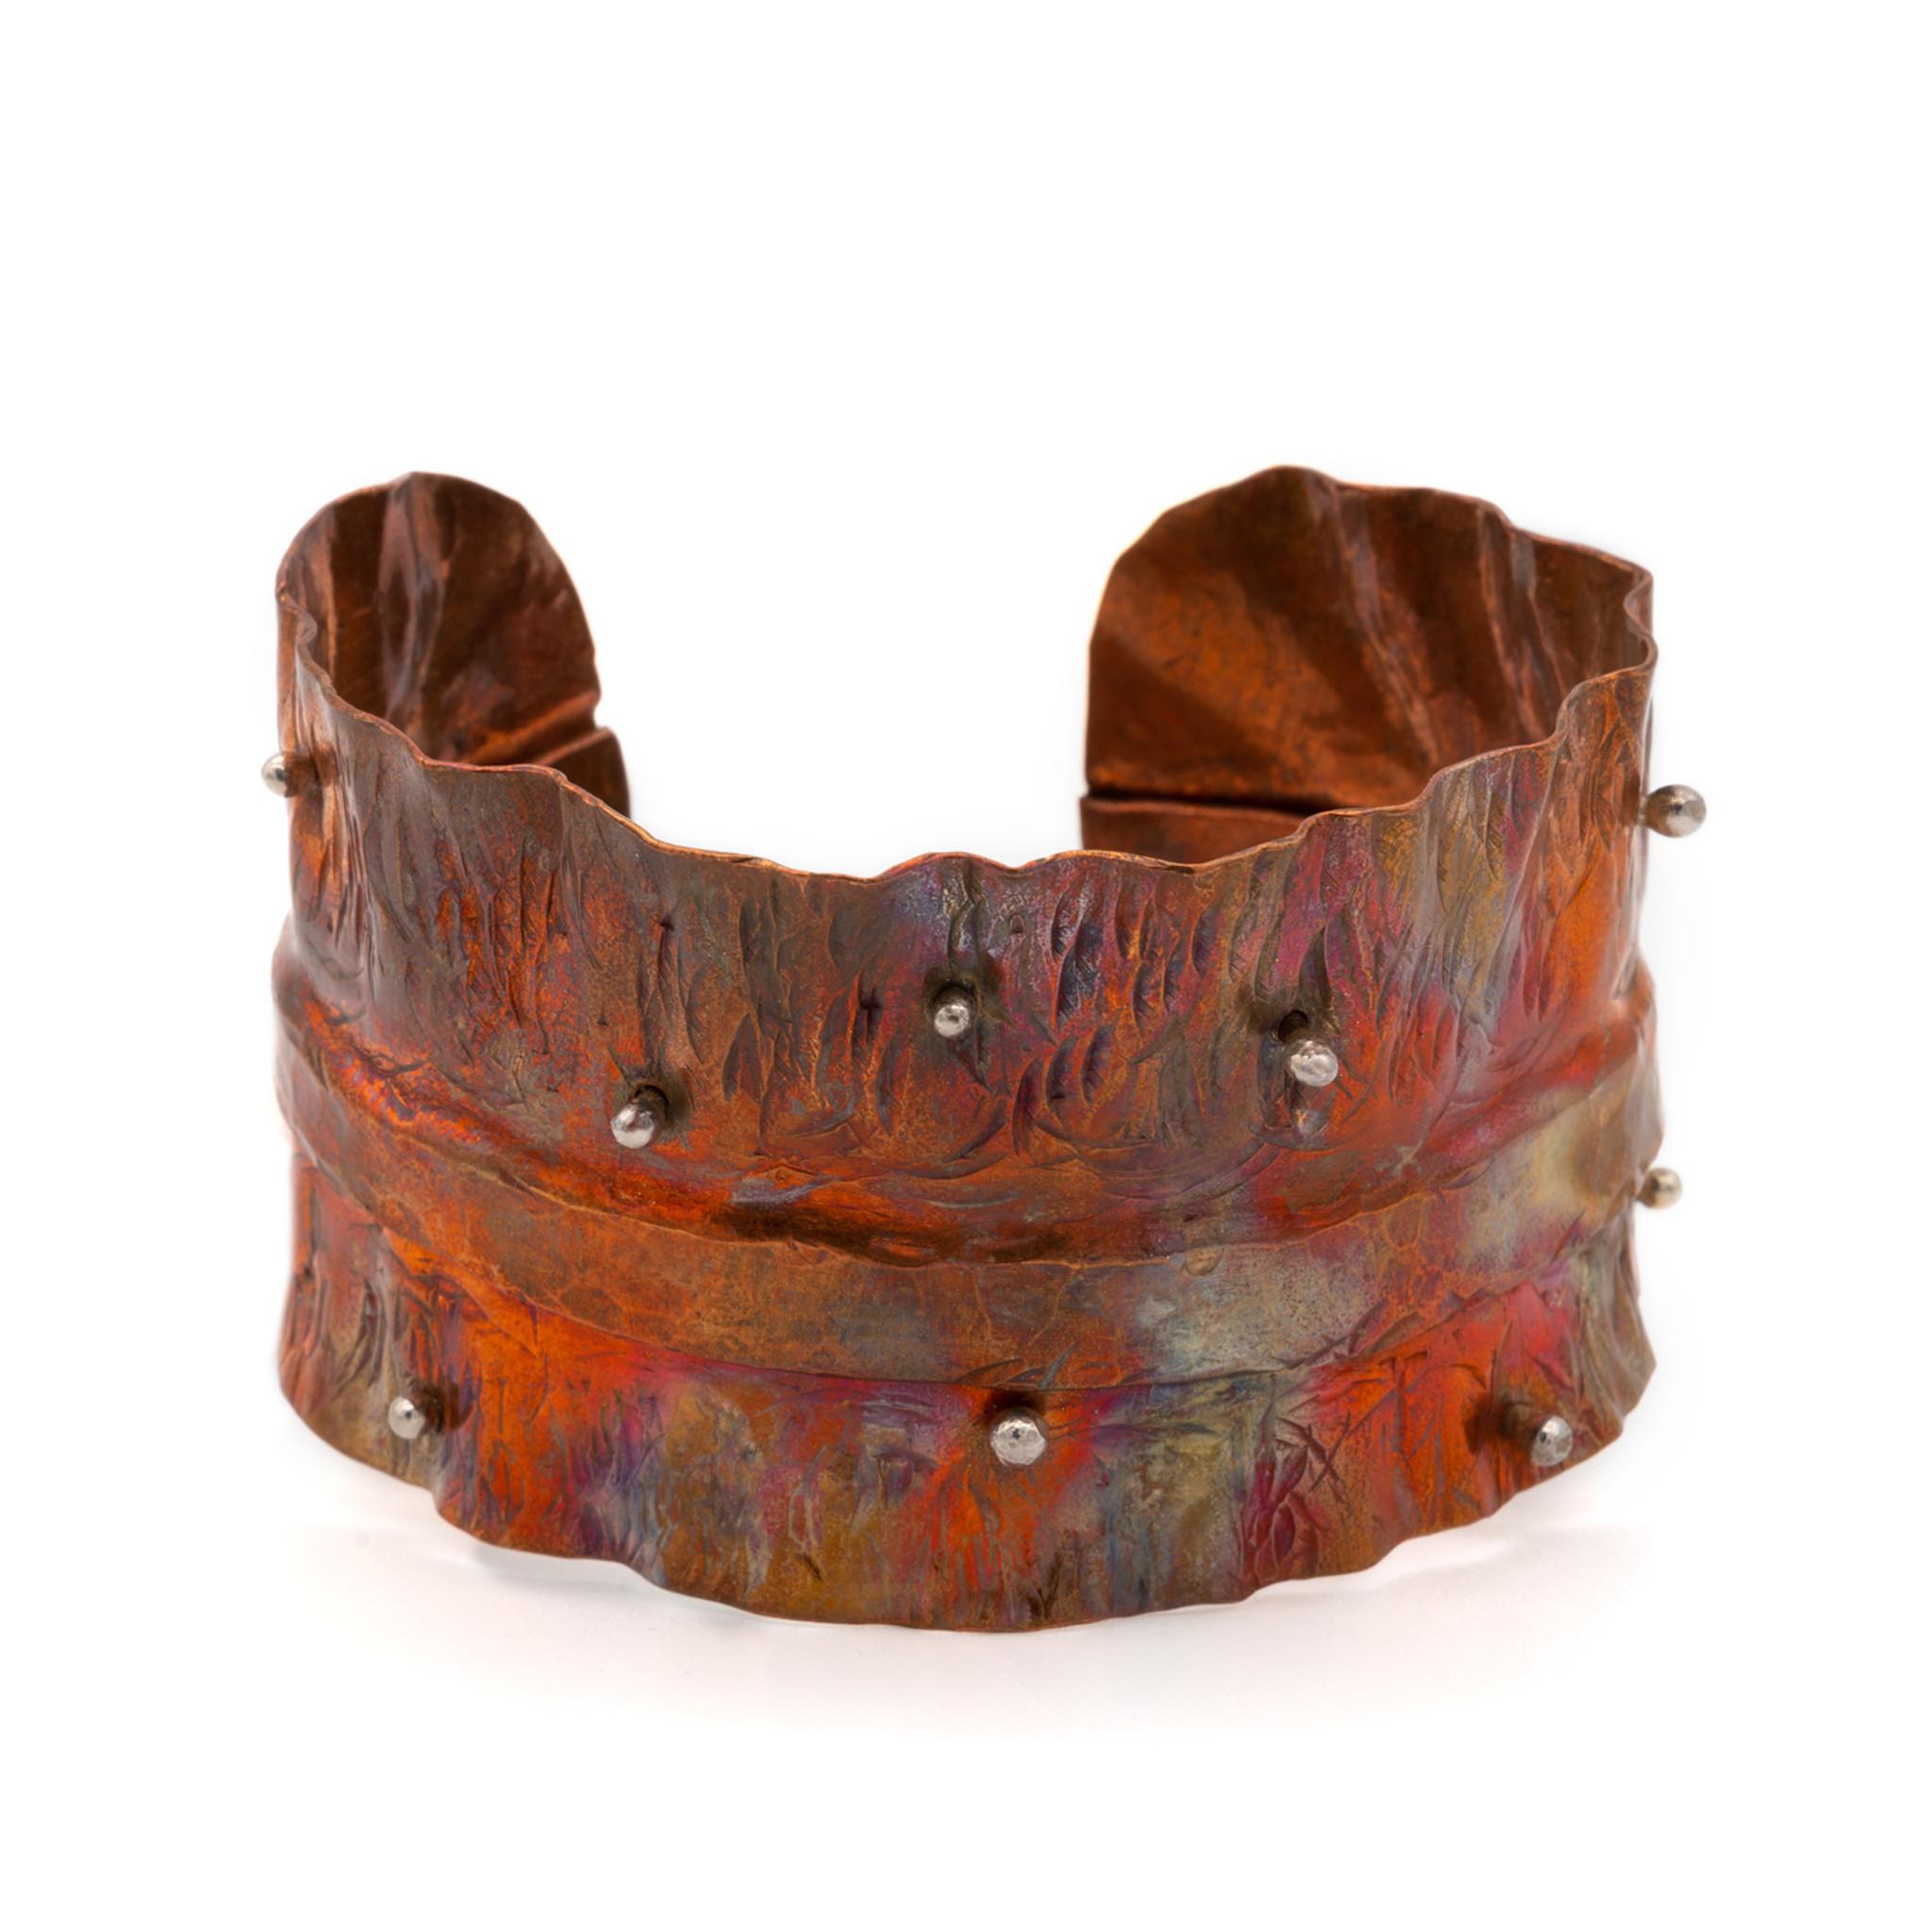 Torn Copper Cuff Brutalist Cuff Bracelet Fire painted Copper